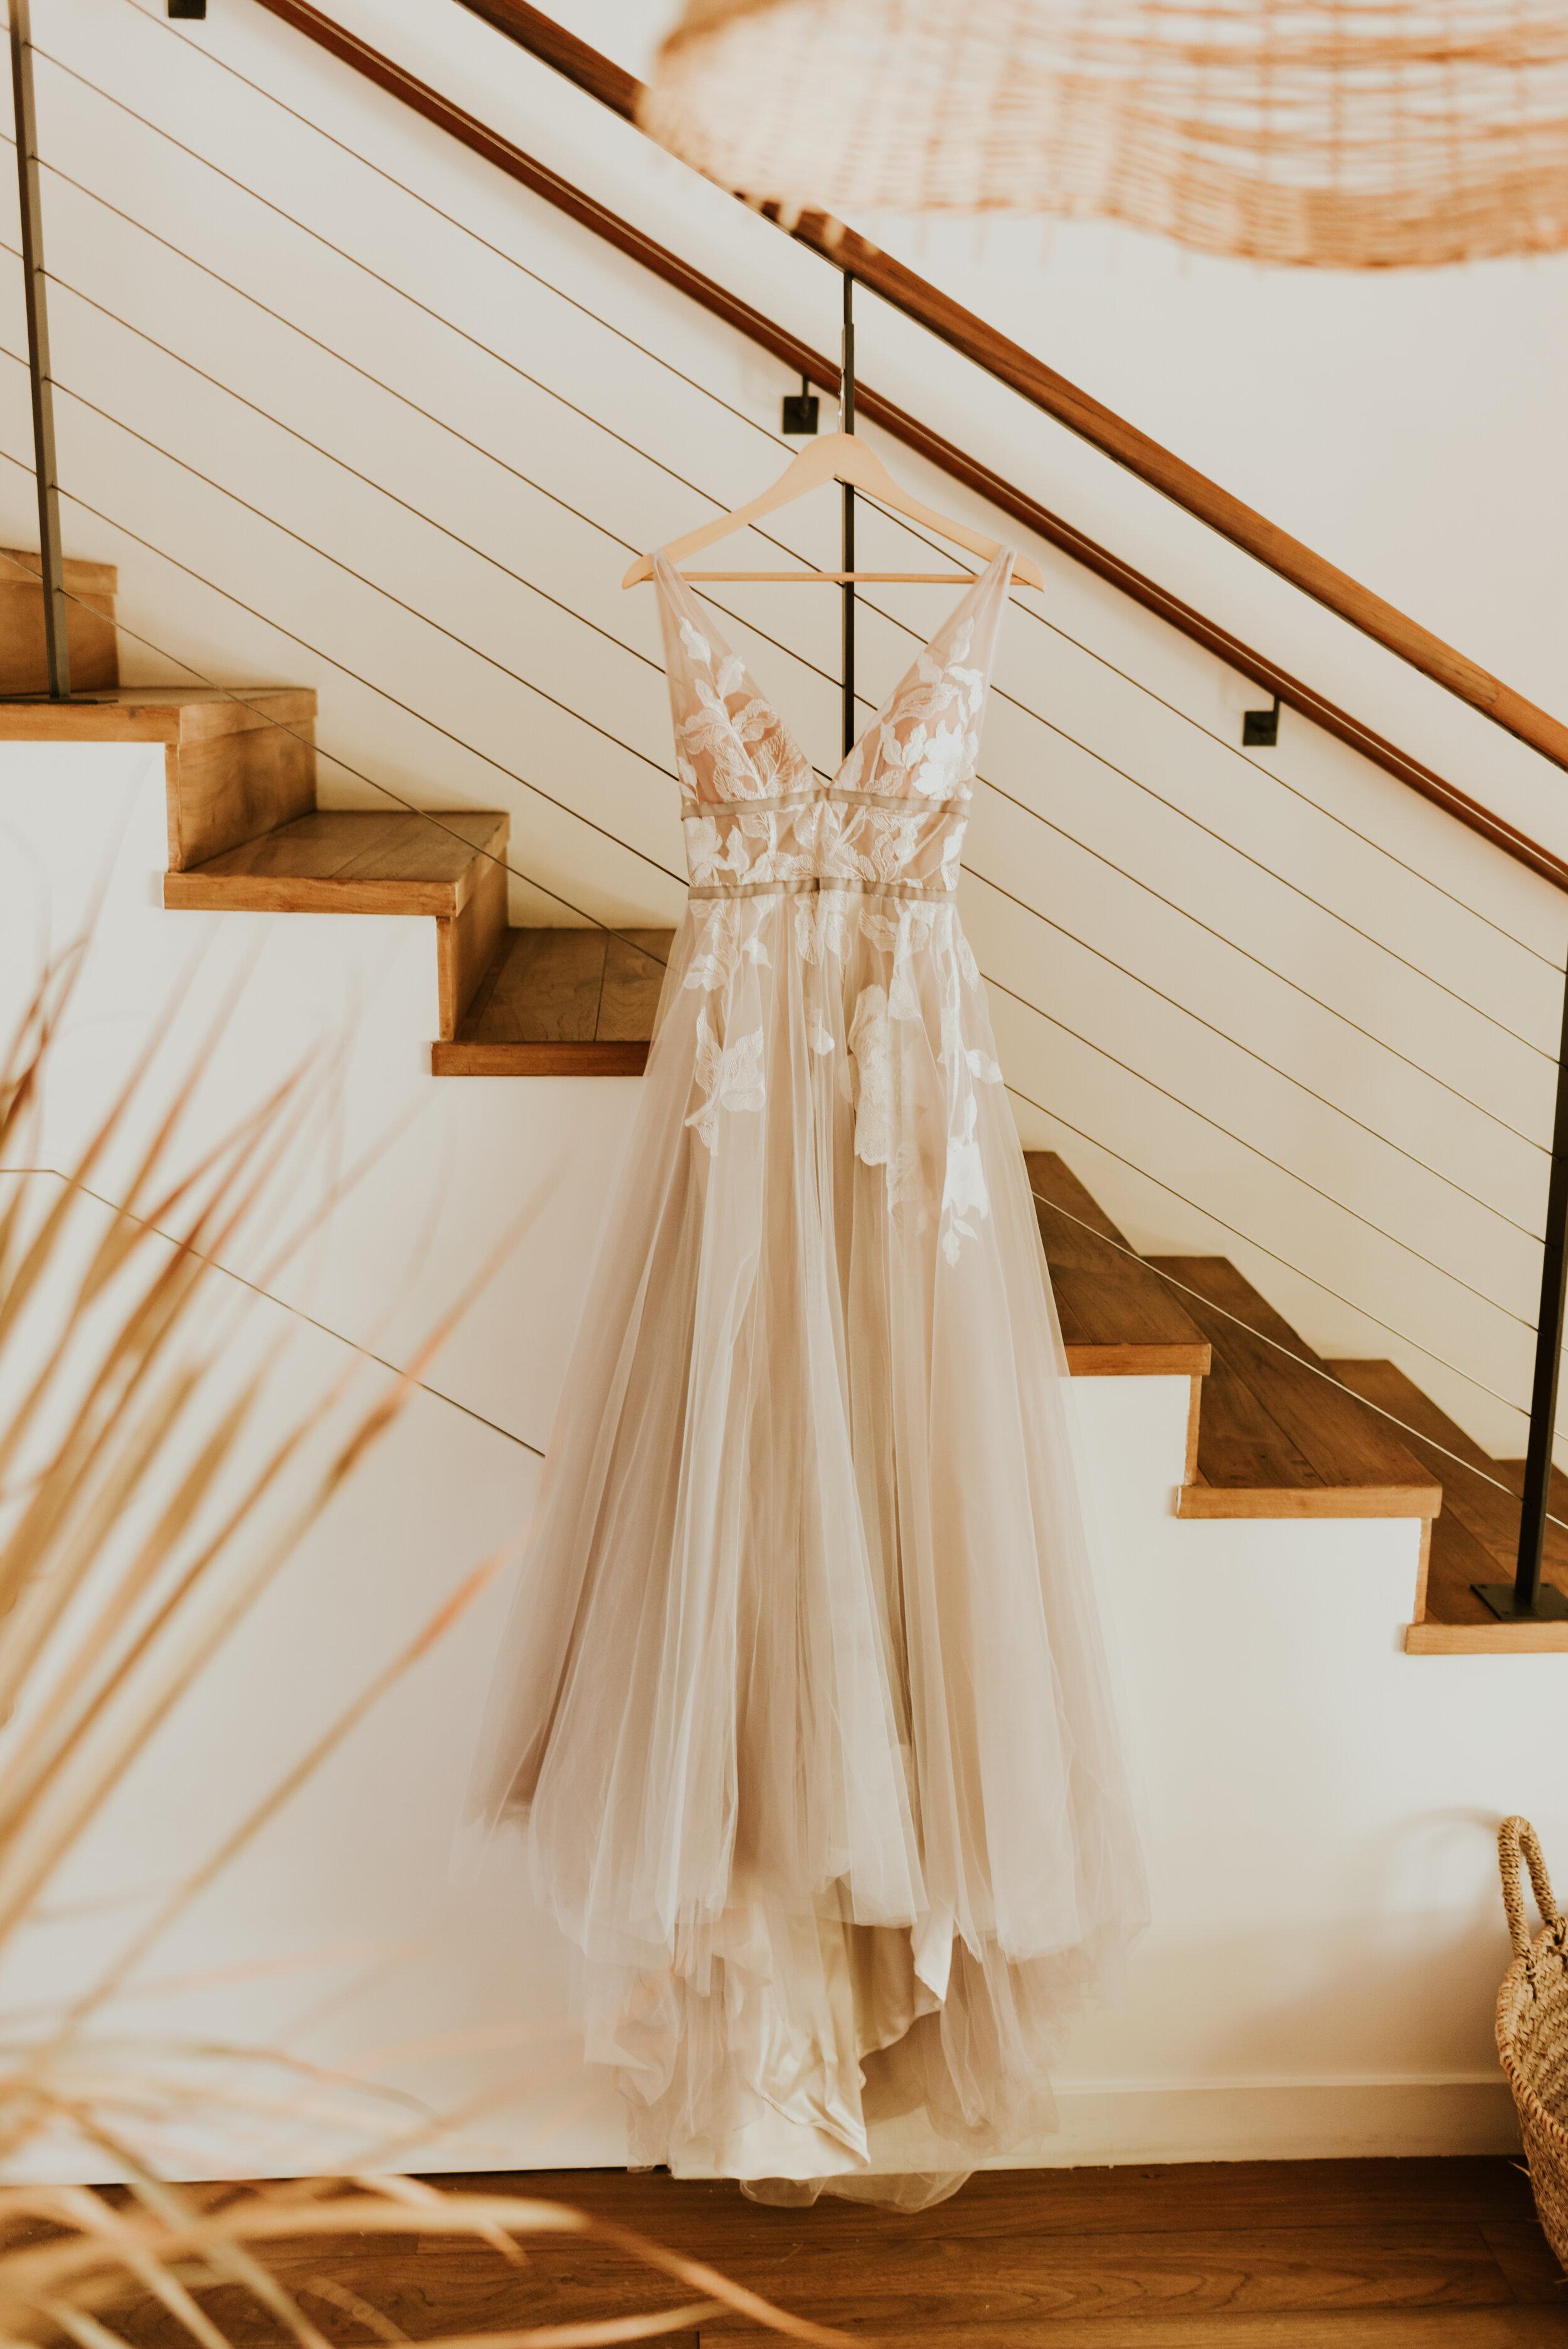 Surfrider Hotel Wedding Getting Ready Photos   Adamson House Wedding   Malibu Wedding Photographer   Seaside California Wedding Venue   Summer Wedding